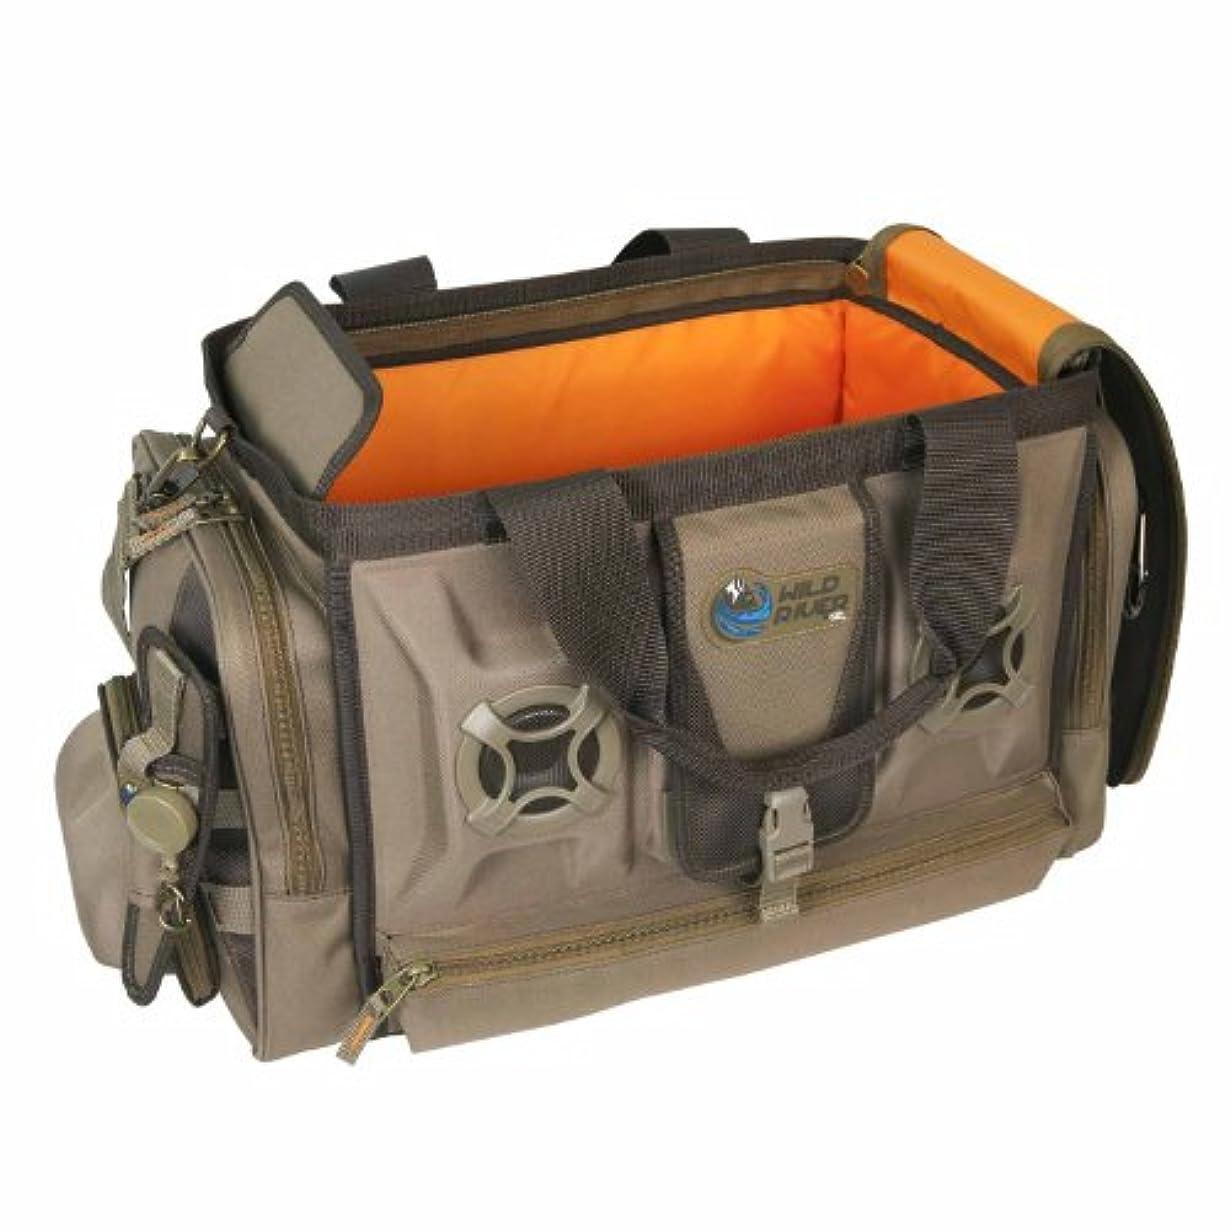 原点肉屋あざワイルド川をCLC wn3701 Tackle Tek Rogueステレオスピーカーバッグ(トレイNot Included )